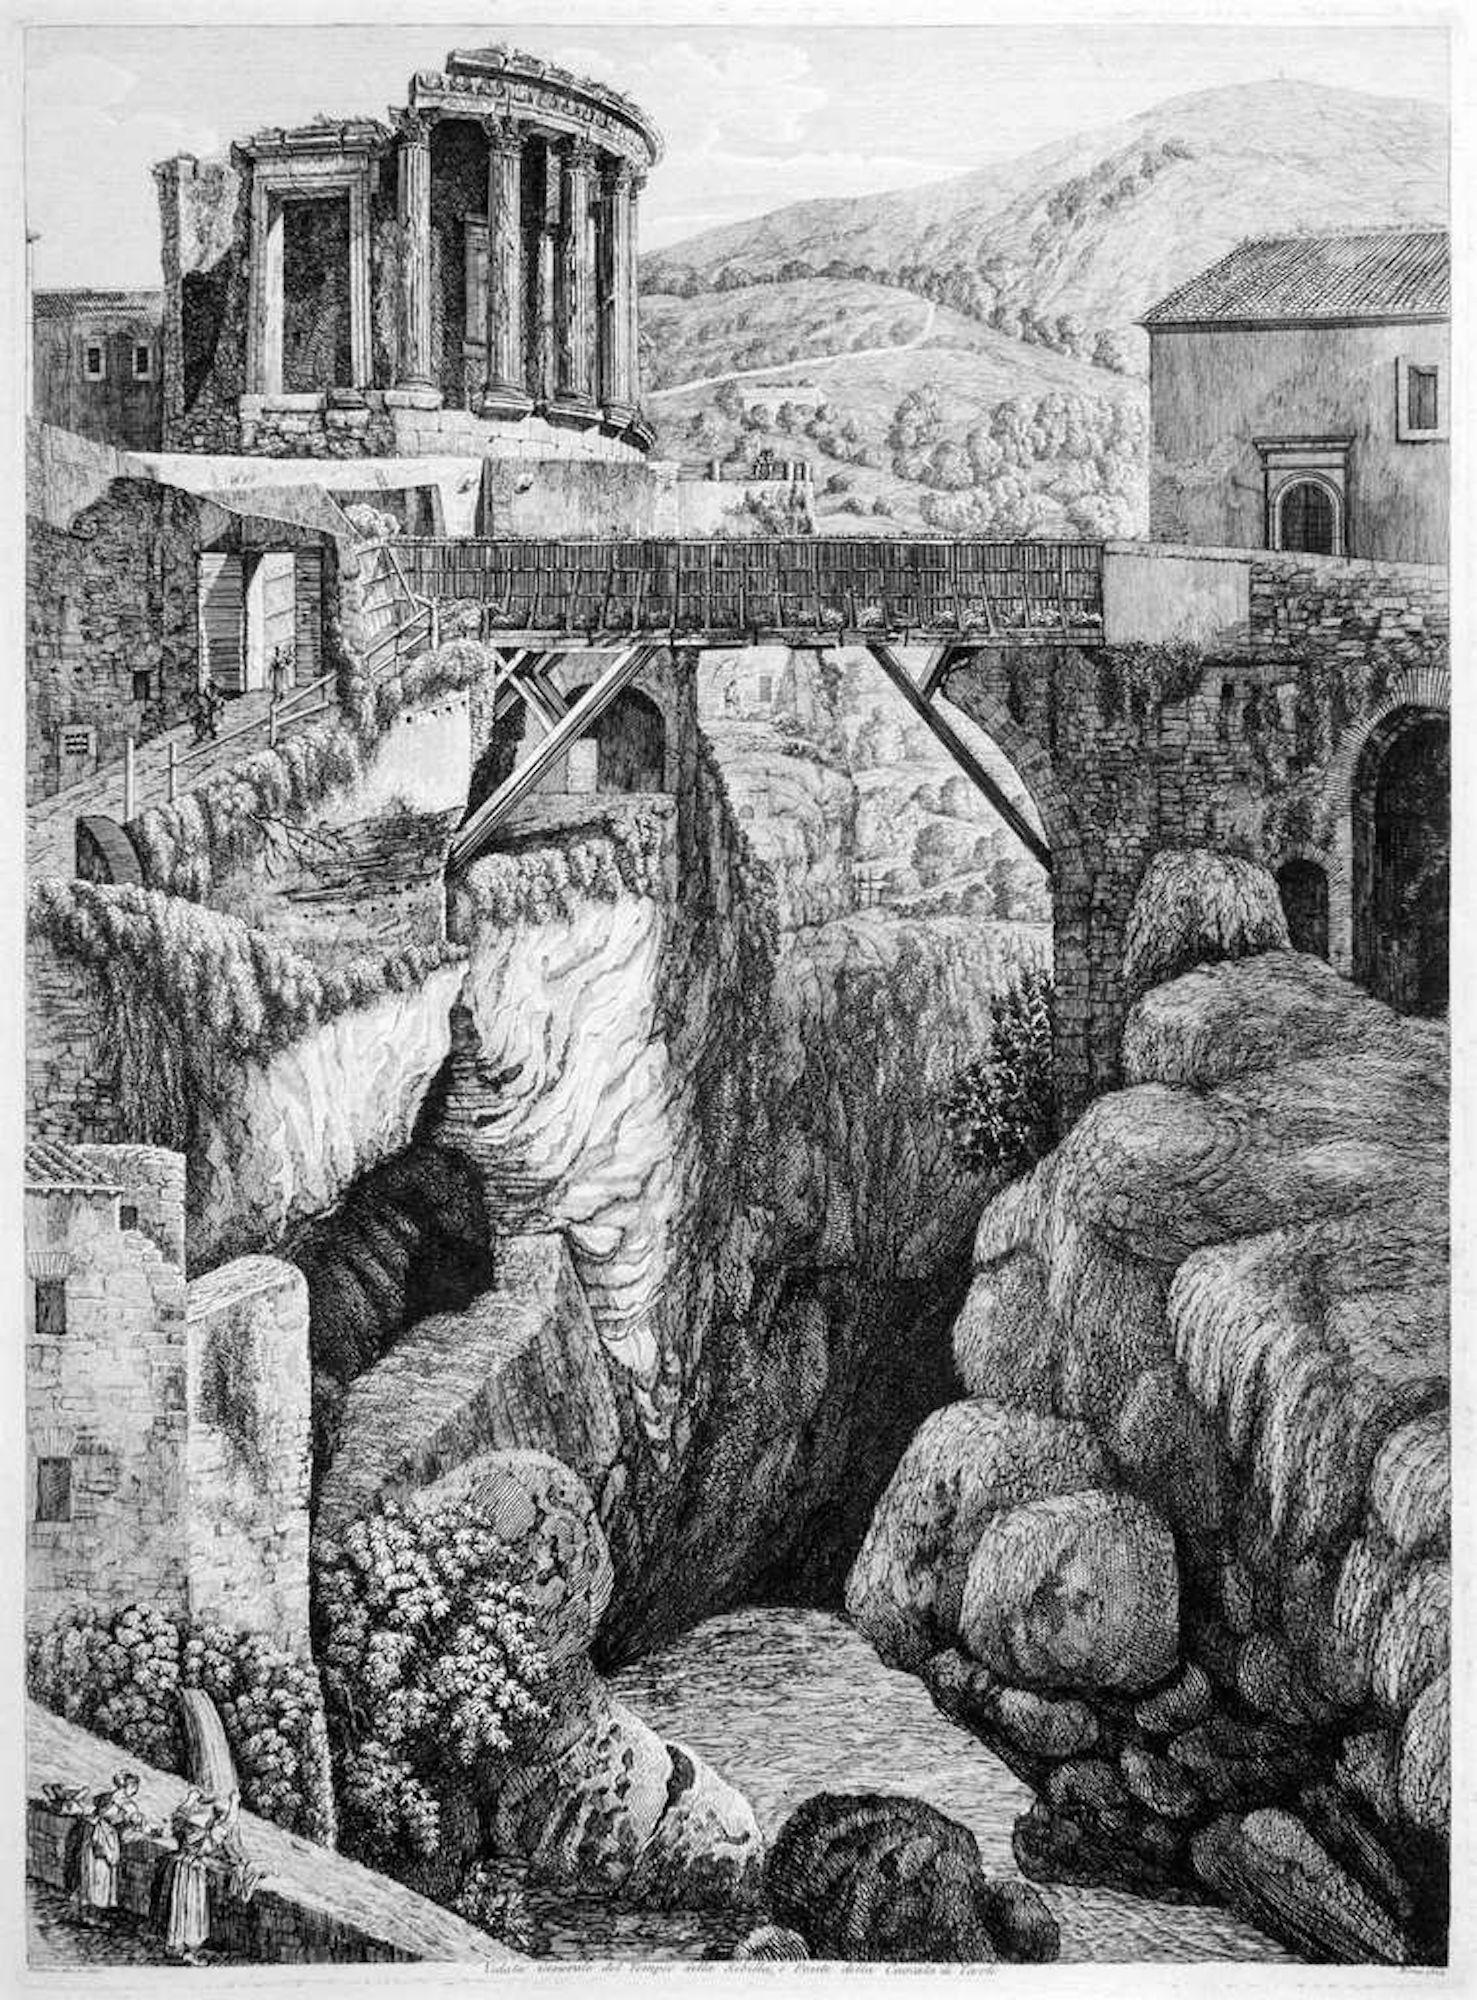 Veduta Generale del Tempio della Sibilla... -  by L. Rossini - 1824